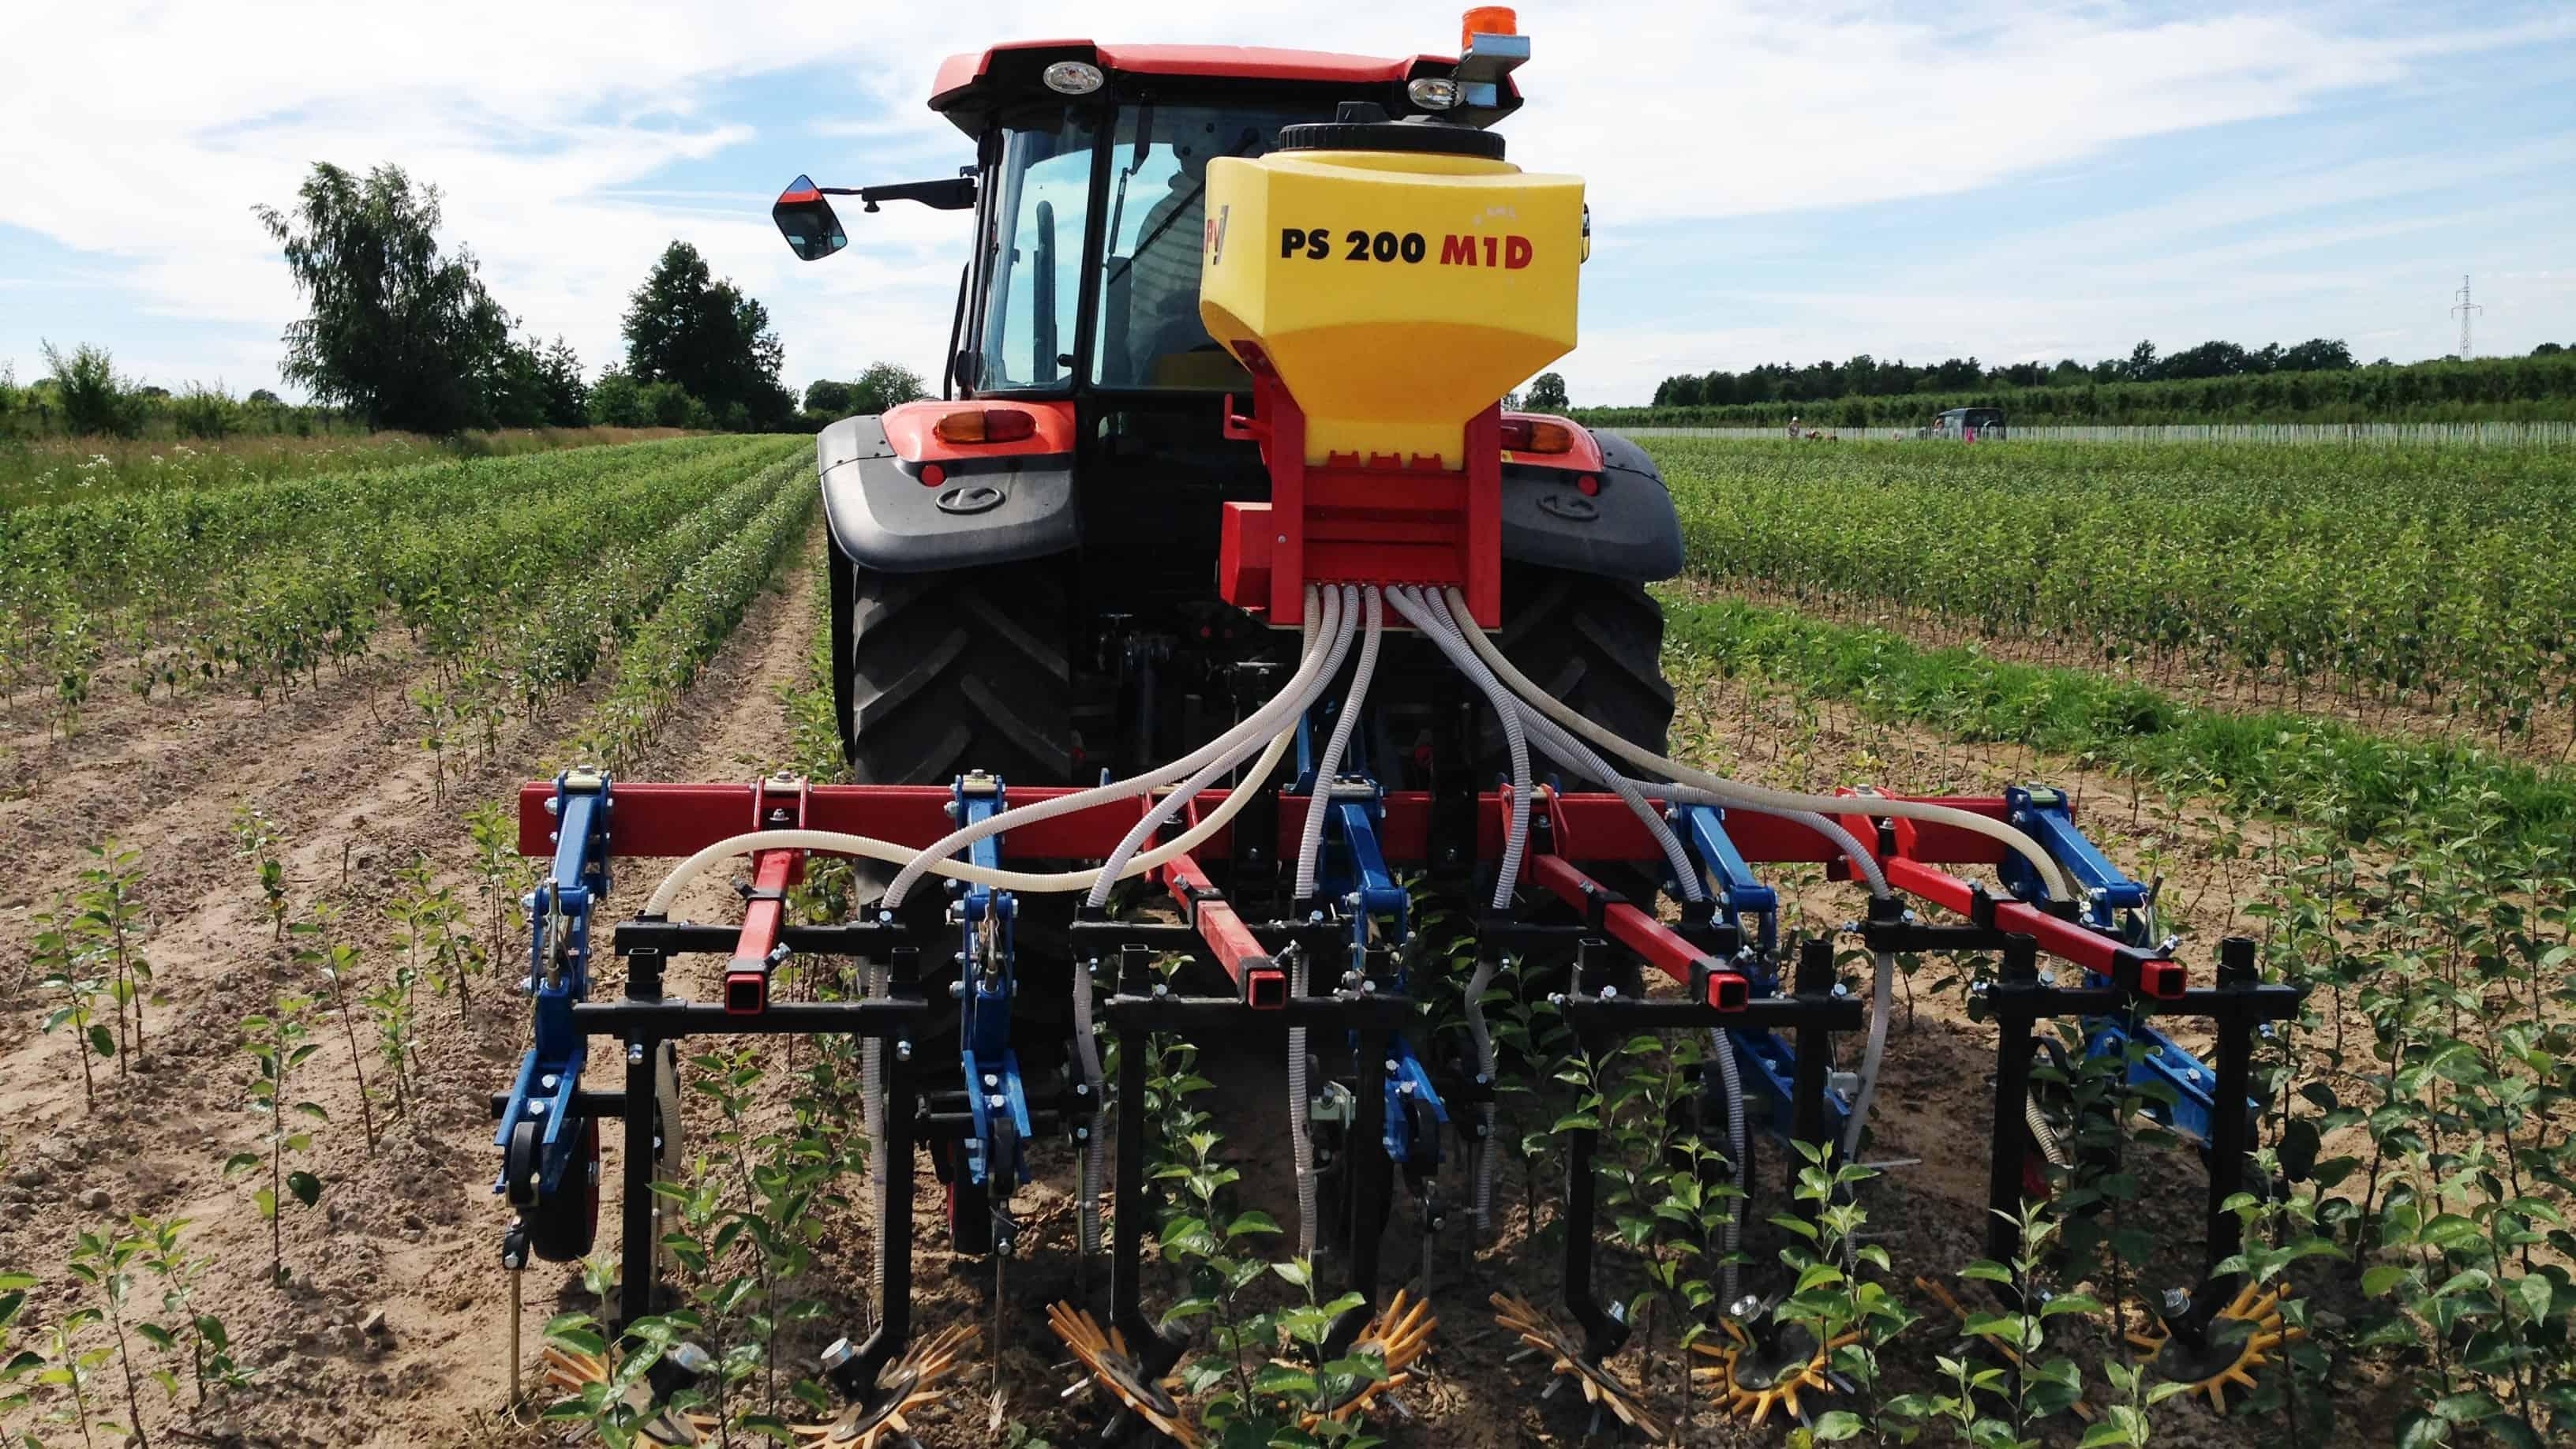 Elektrinė pneumatinė žolių sėklų sėjamoji PS 200D pakabinta ant ravėtuvo